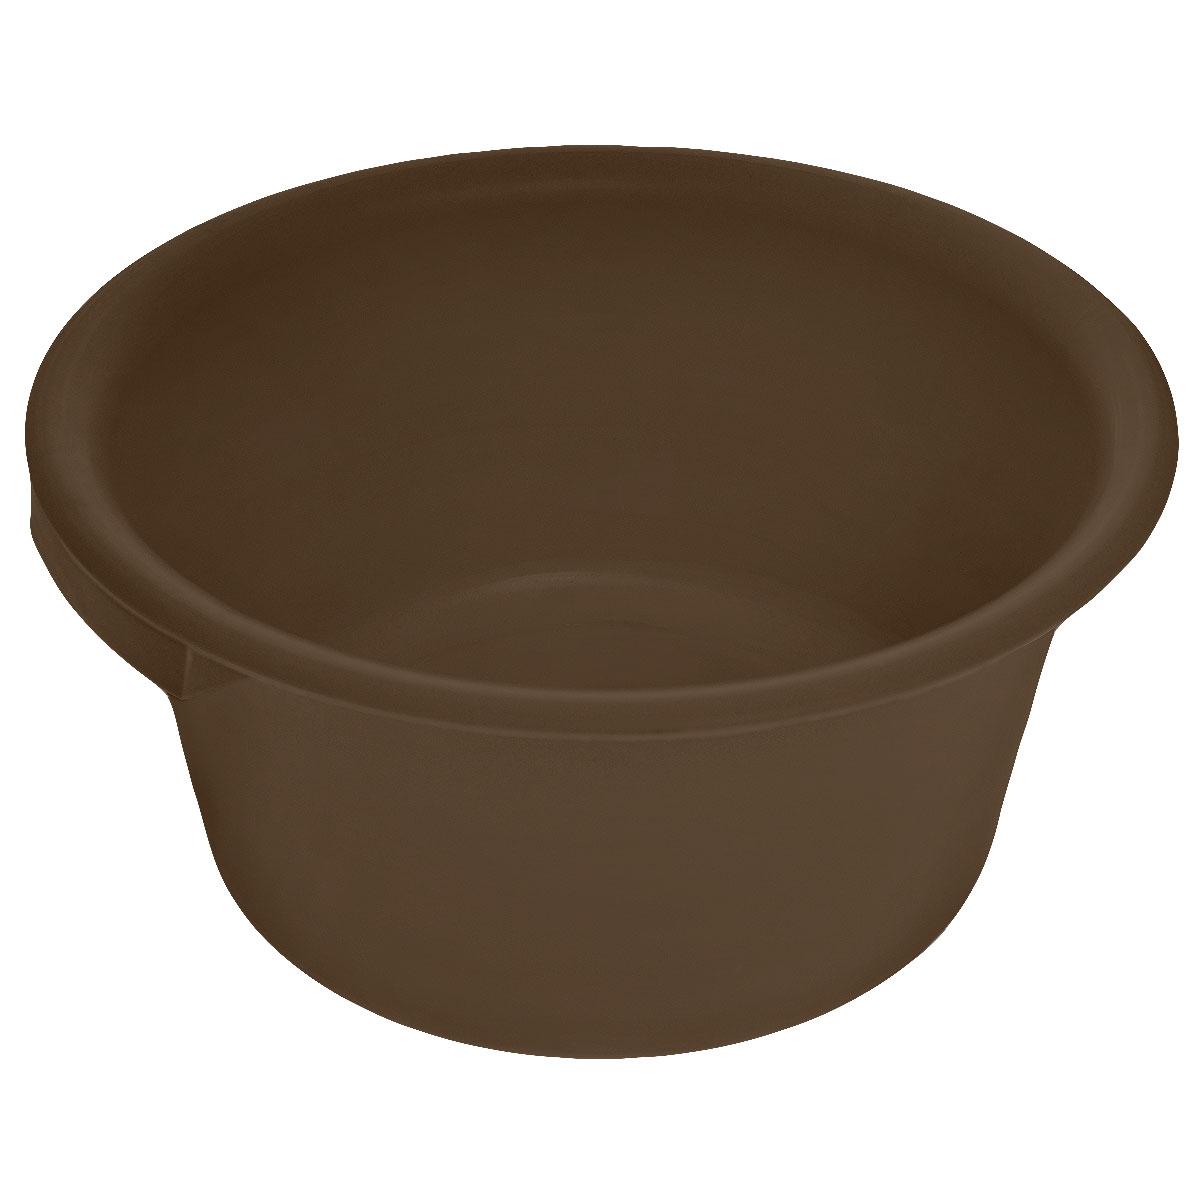 Таз хозяйственный Альтернатива, цвет: темно-коричневый, 9 лМ1106_коричневыйТаз Альтернатива изготовлен из высококачественного пластика. Он выполнен в классическом круглом варианте. Для удобного использования изделие снабжено двумя ручками. Таз предназначен для стирки и хранения разных вещей. Он пригодится в любом хозяйстве.Диаметр (по верхнему краю): 35 см.Высота: 15,5 см.